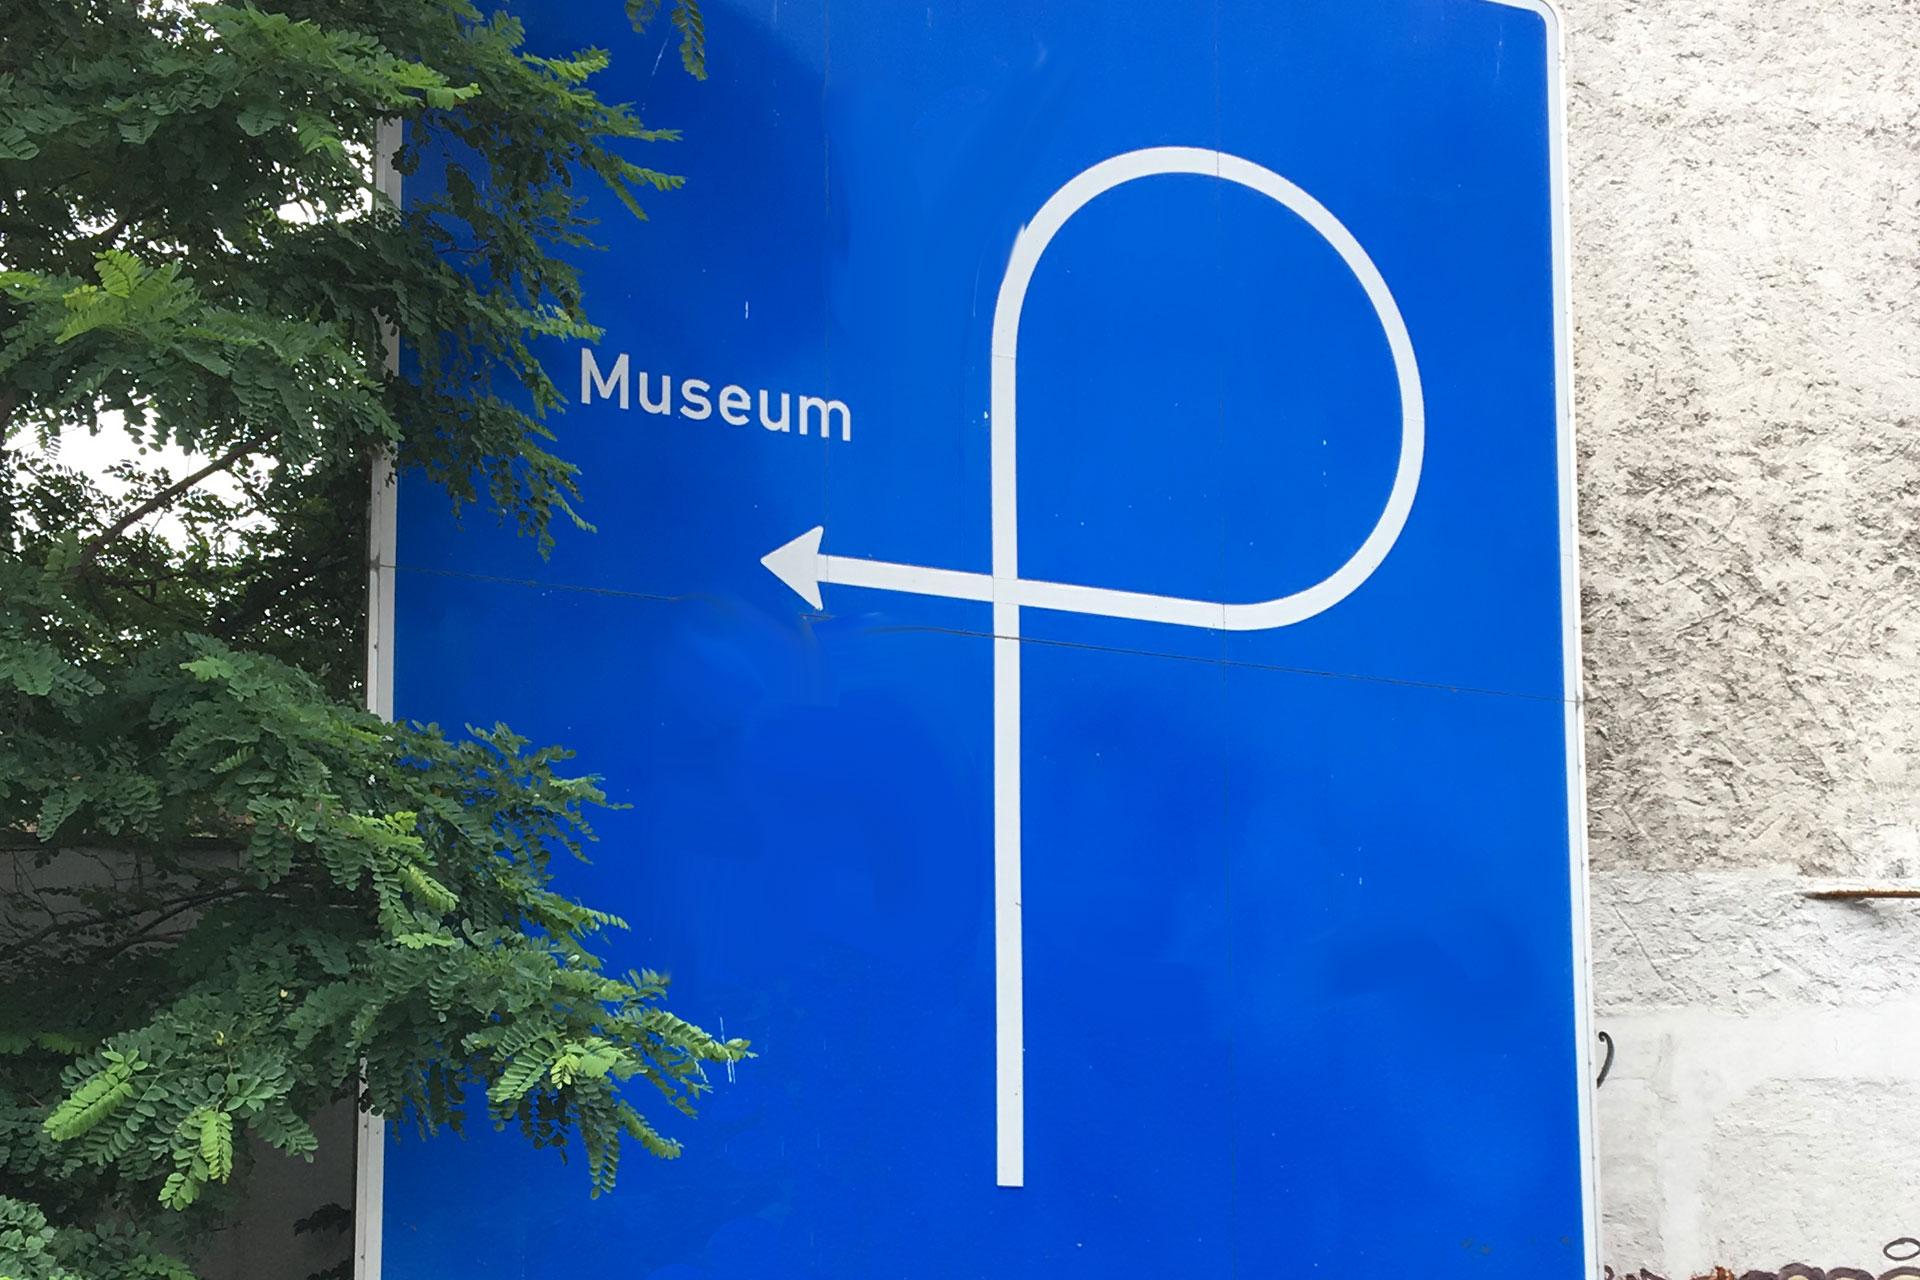 Der Wegweiser von Künstler Thomas Rentmeister führt auf verschlungenen Pfaden zum Museum Abteiberg